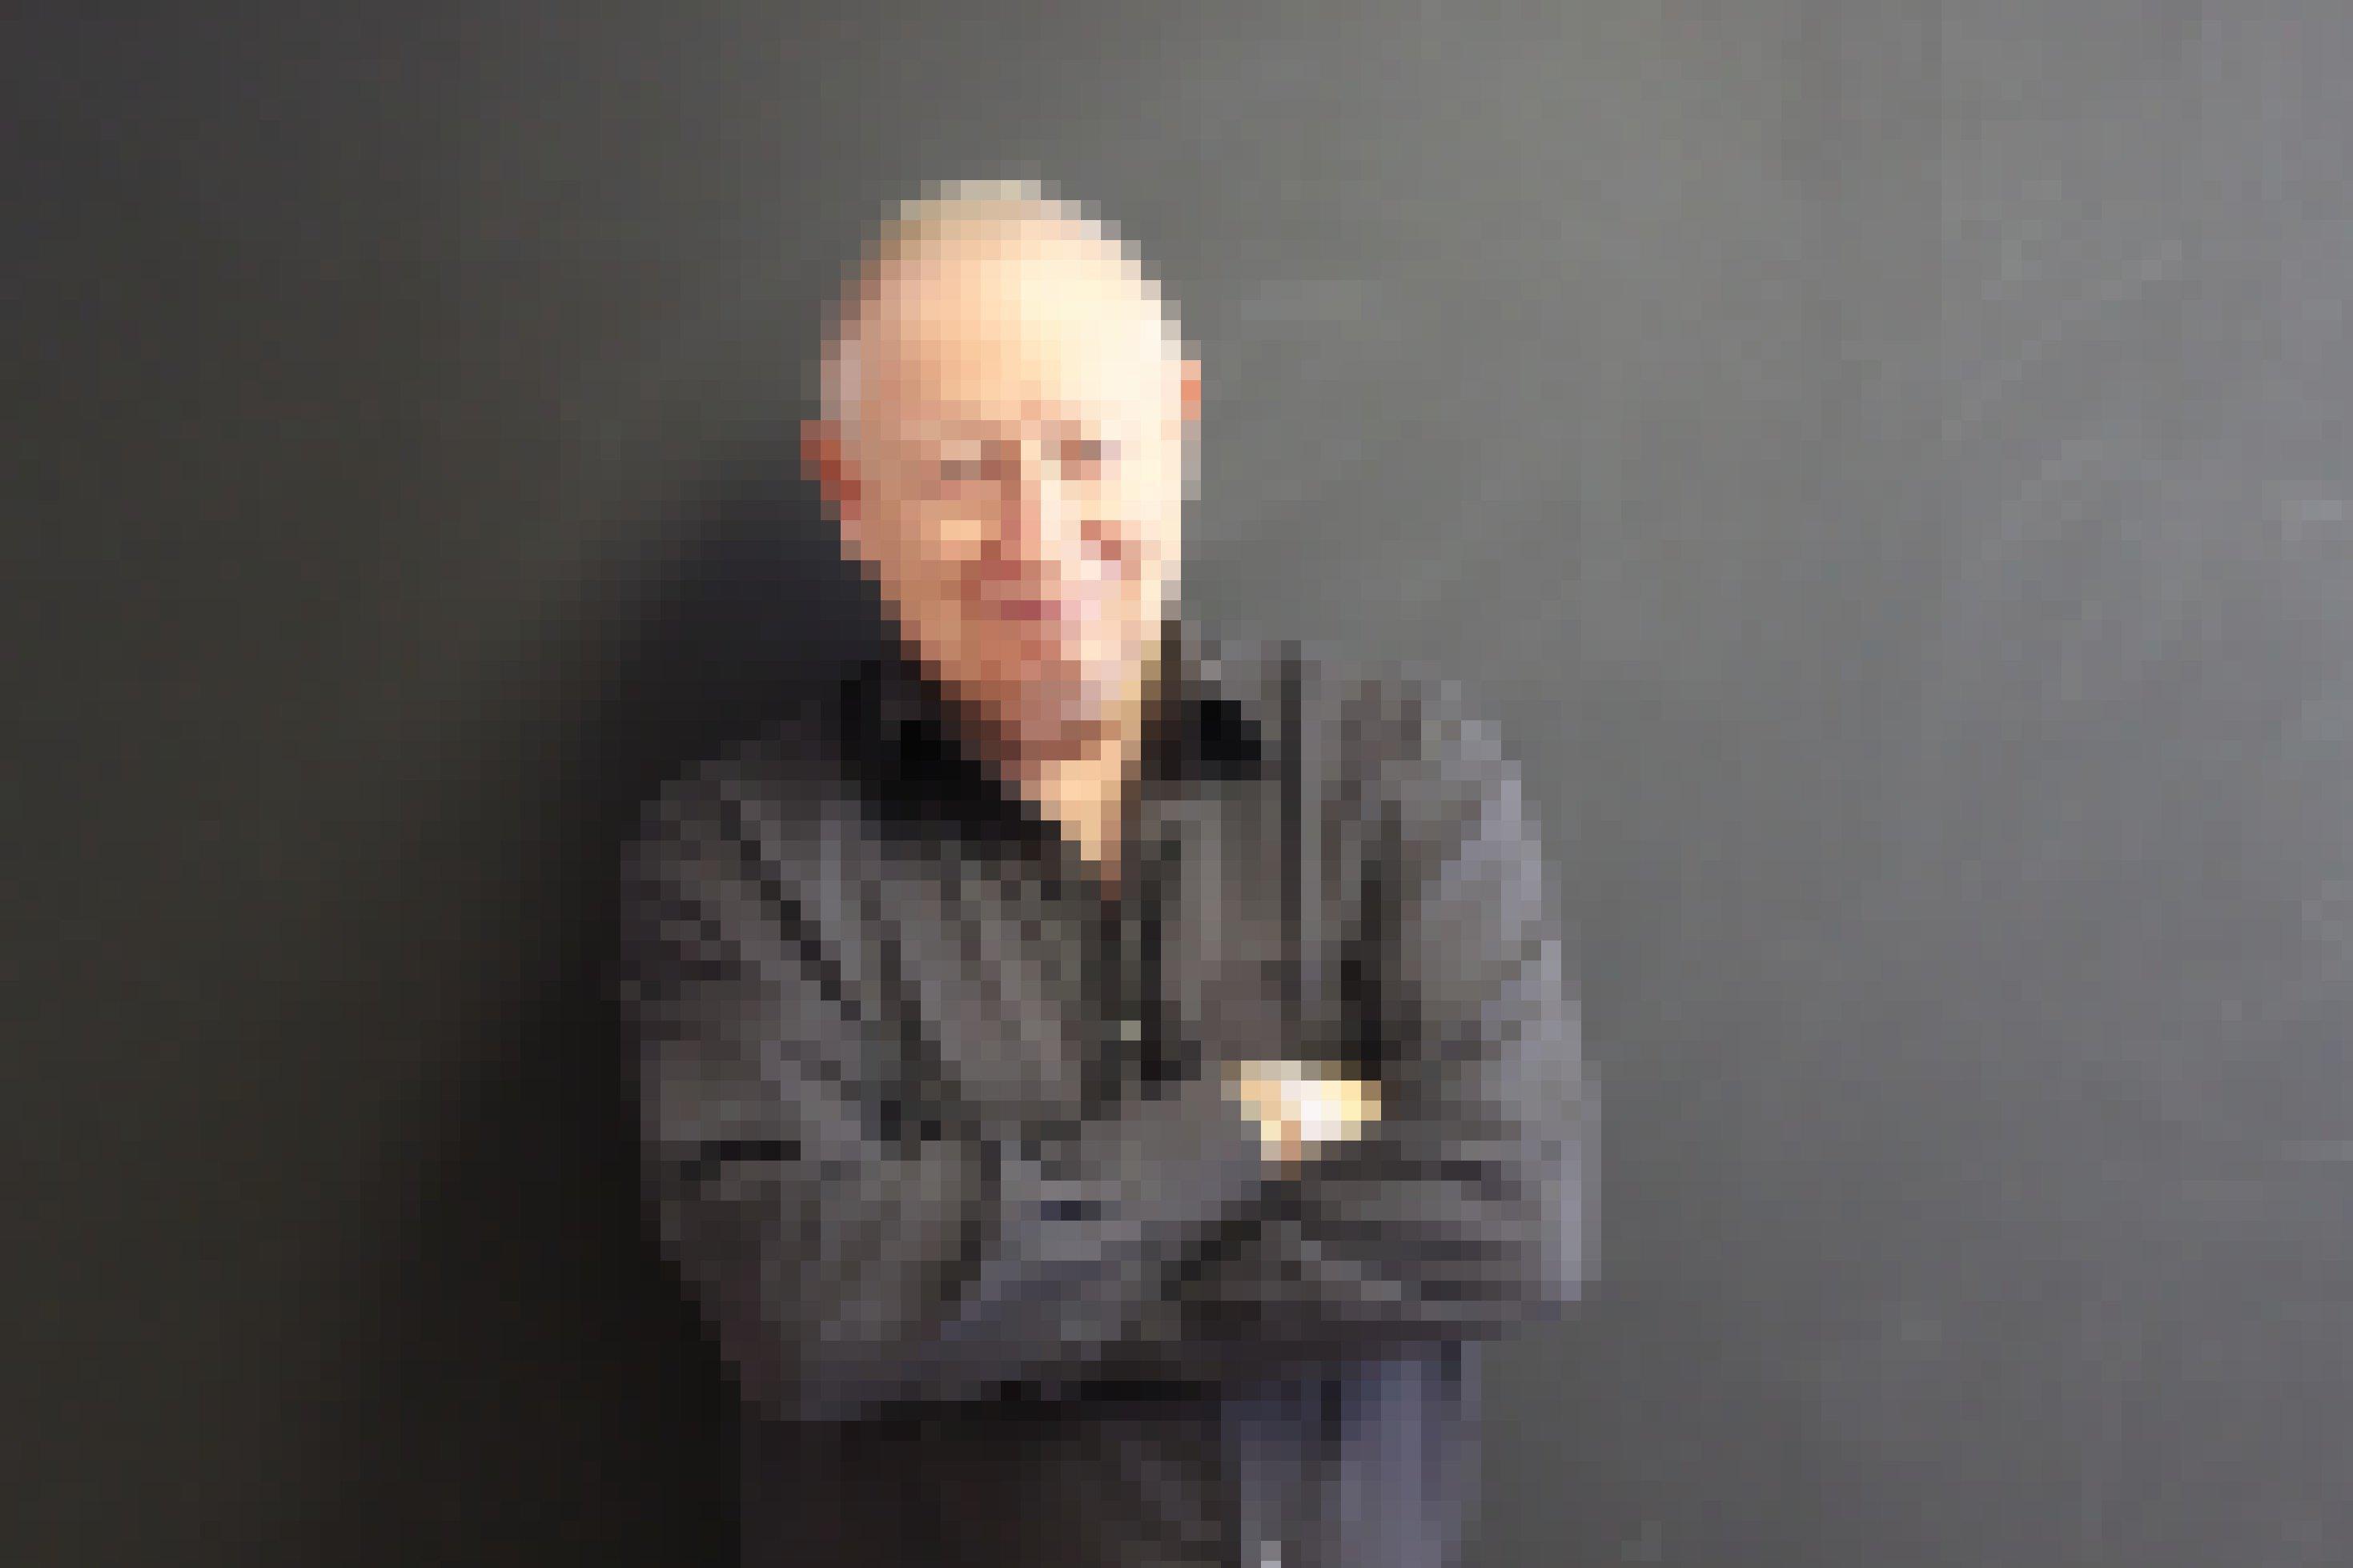 Porträtfoto von David Lewis, Corruption Watch